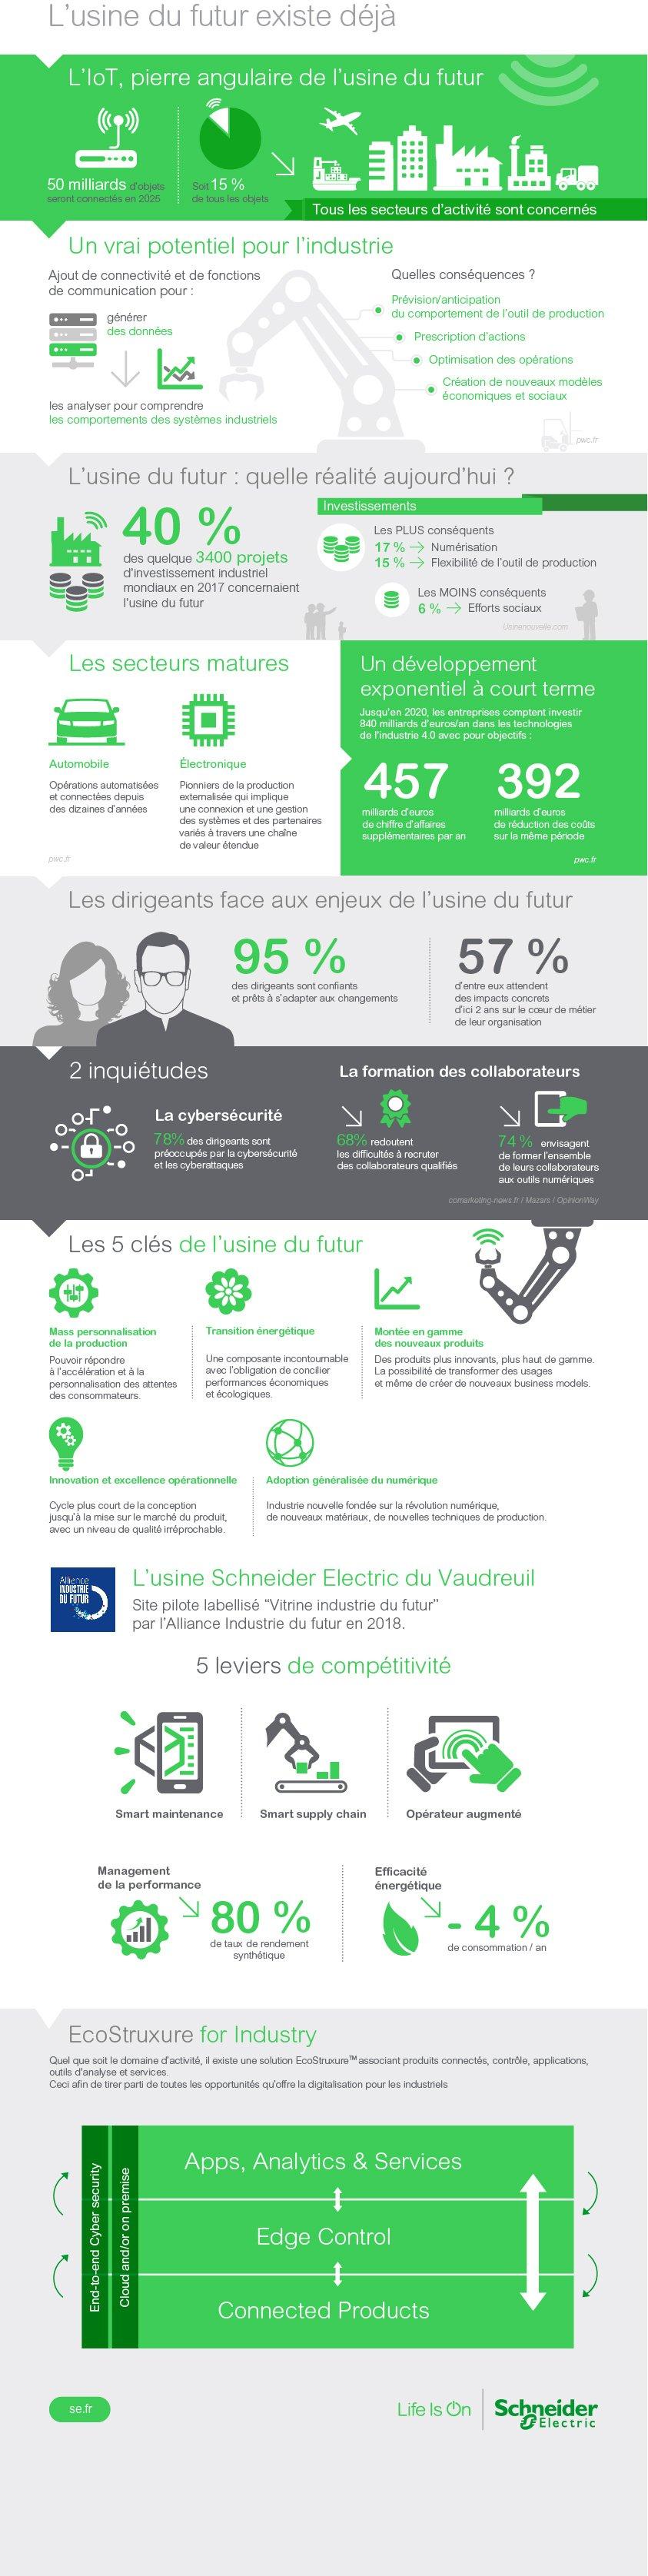 Infographie-Usine-du-futur-1